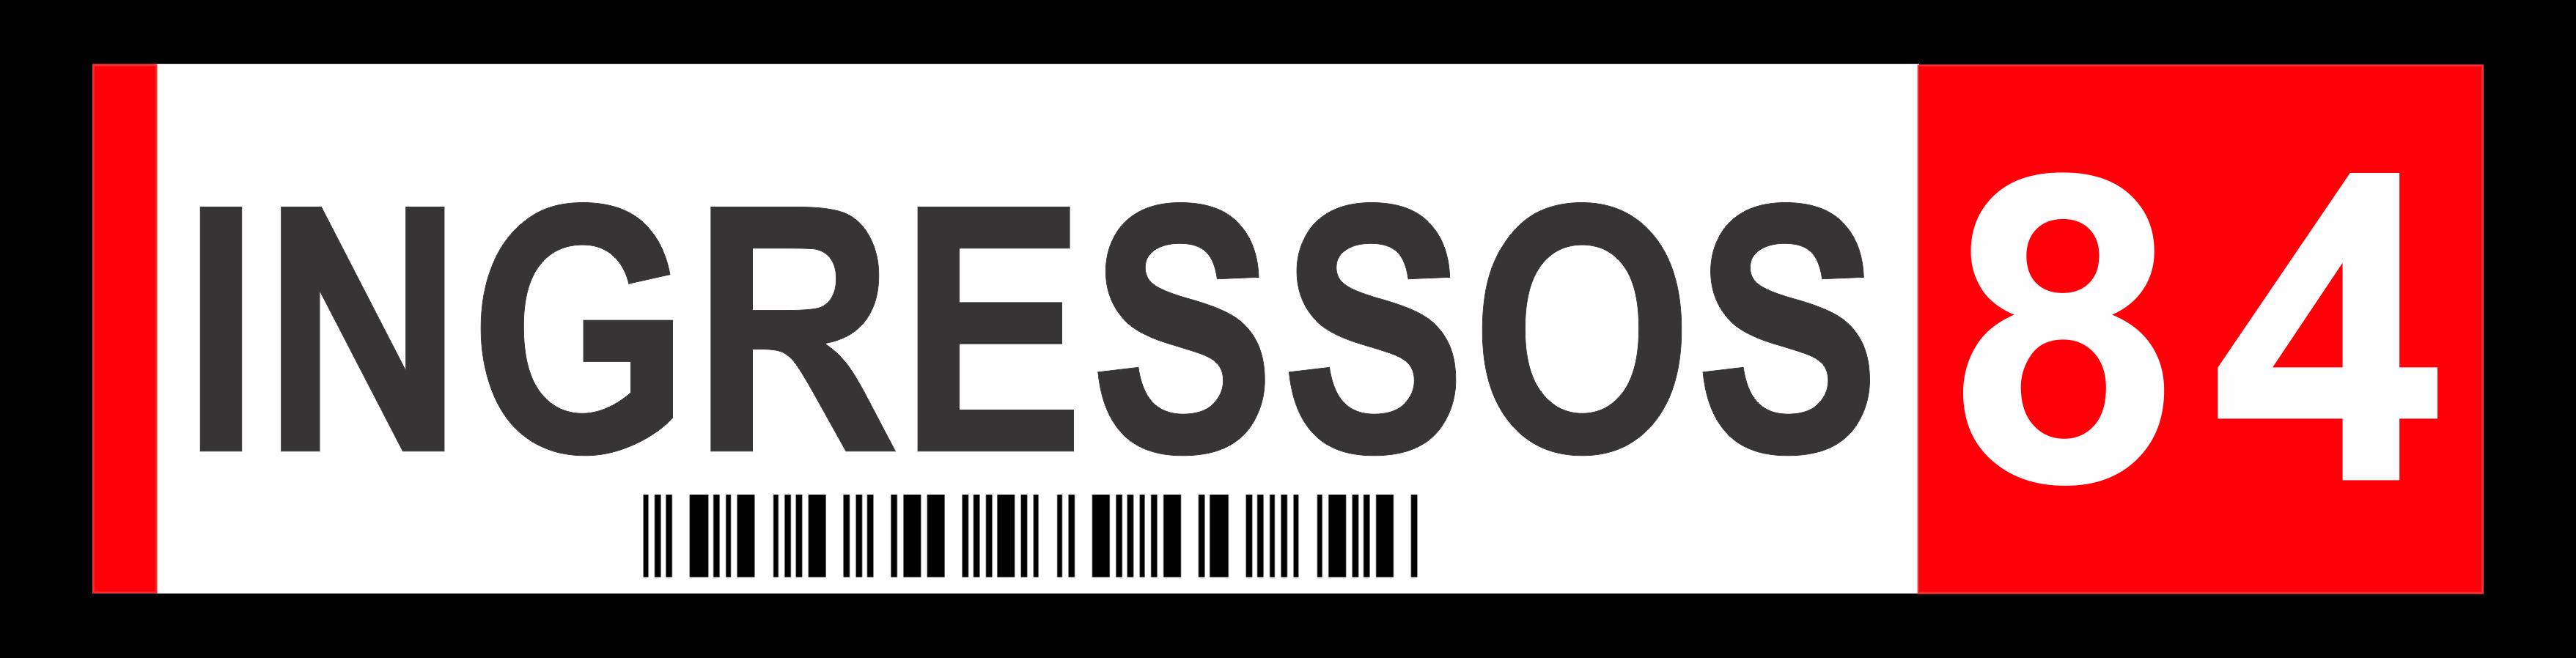 INGRESSOS 84 – Ingressos Online